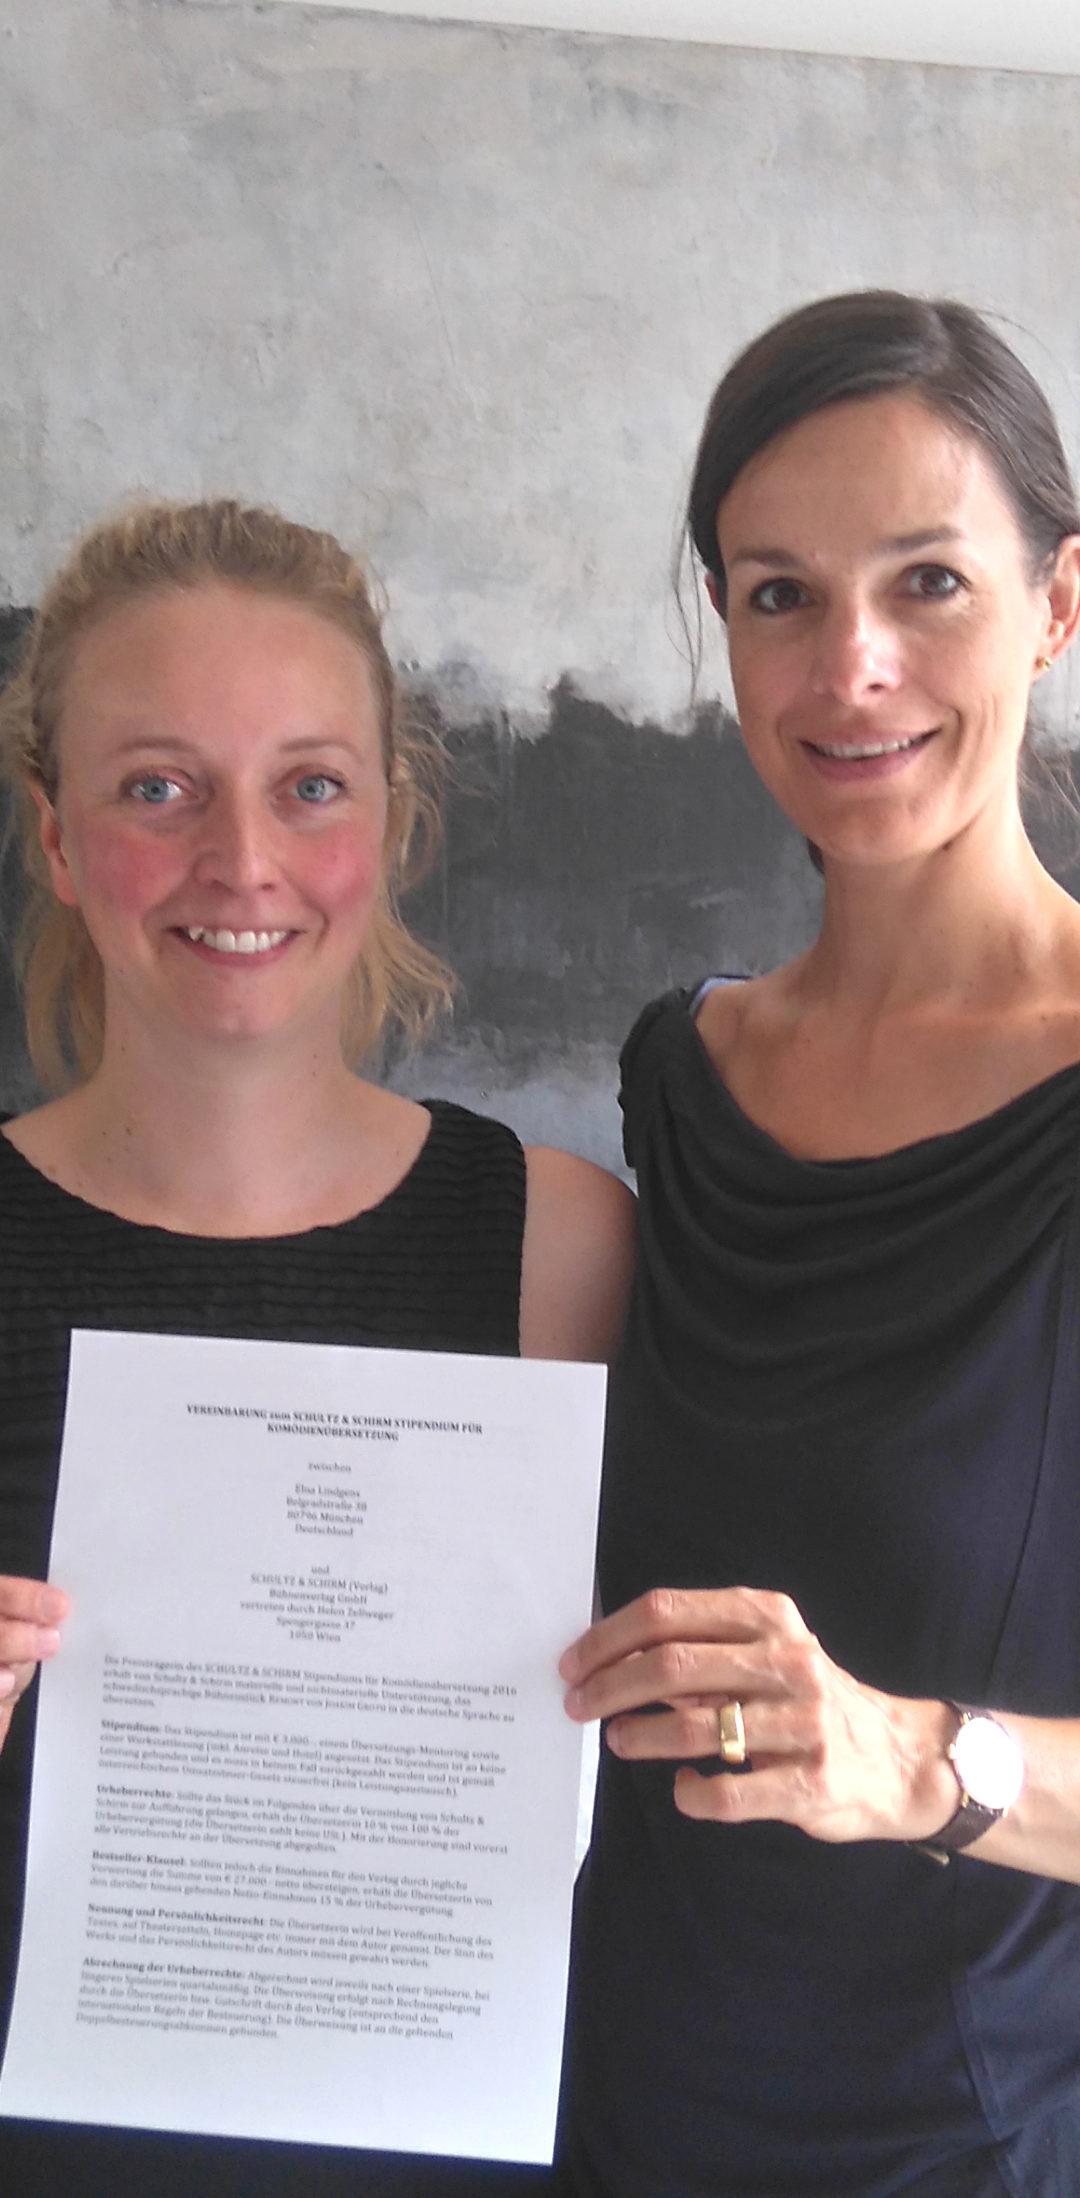 Preisträgerin des Schultz & Schirm Stipendiums 2016!